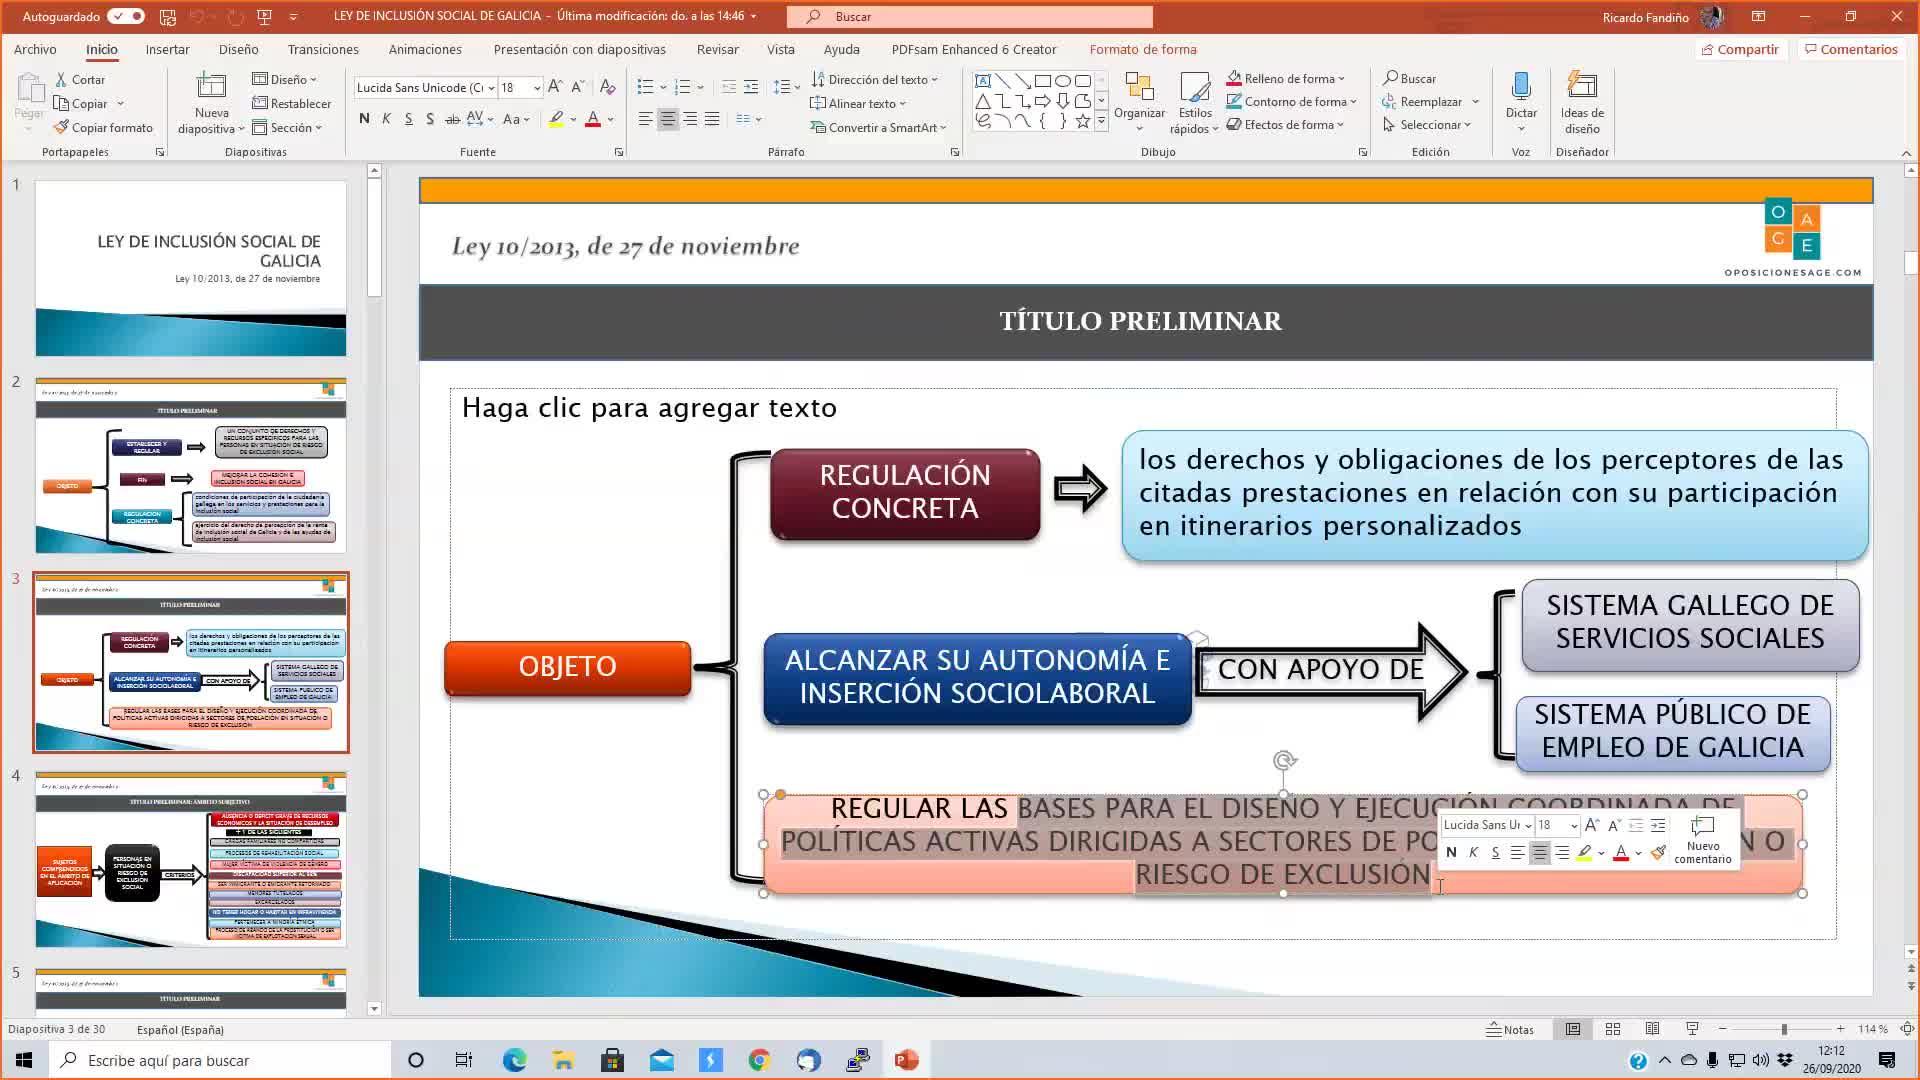 LEY INCLUSIÓN SOCIAL DE GALICIA